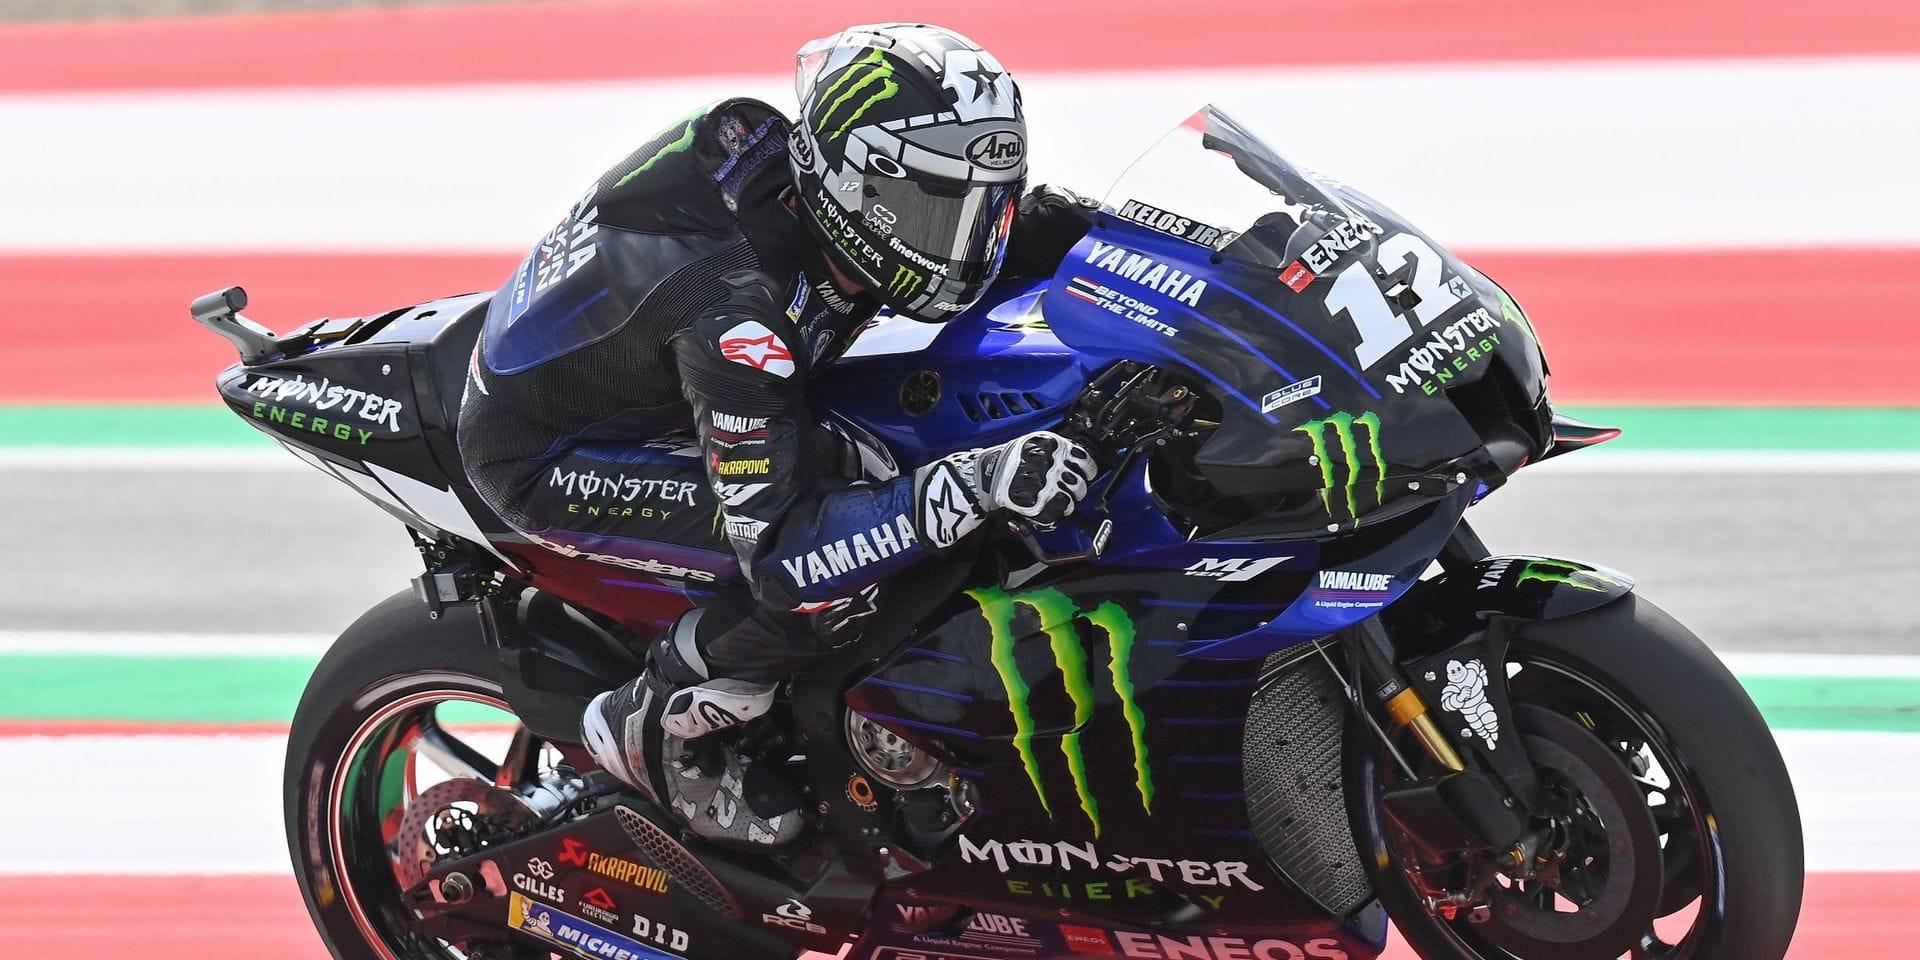 Moto GP : Maverick Vinales partira en pole position au Grand Prix d'Autriche